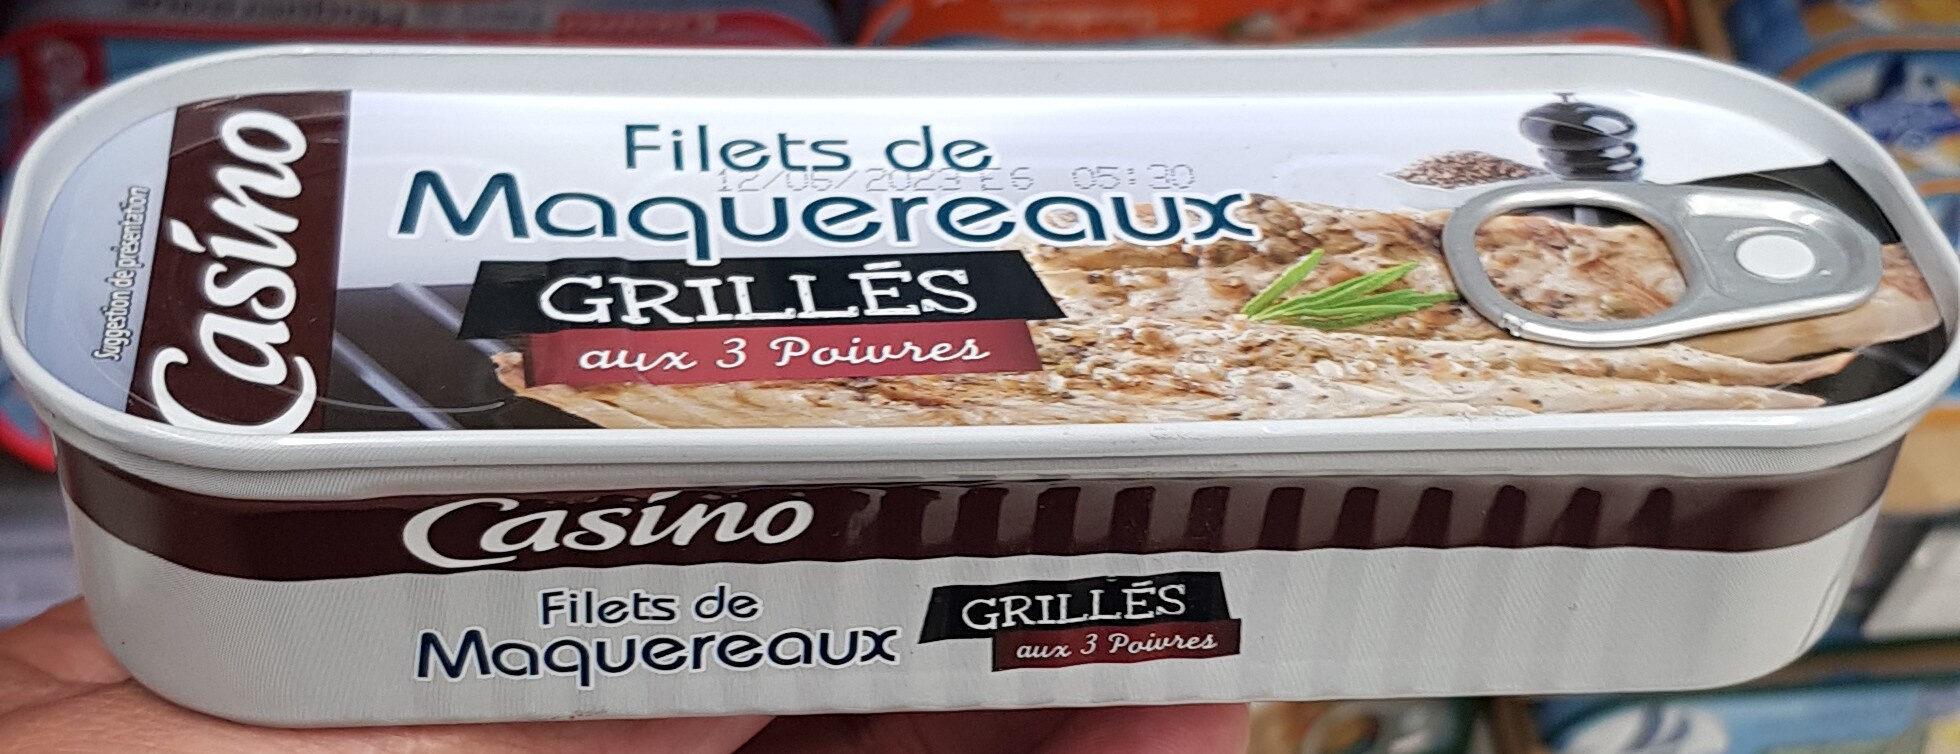 Maquereaux grillés aux 3 poivres - Produit - fr